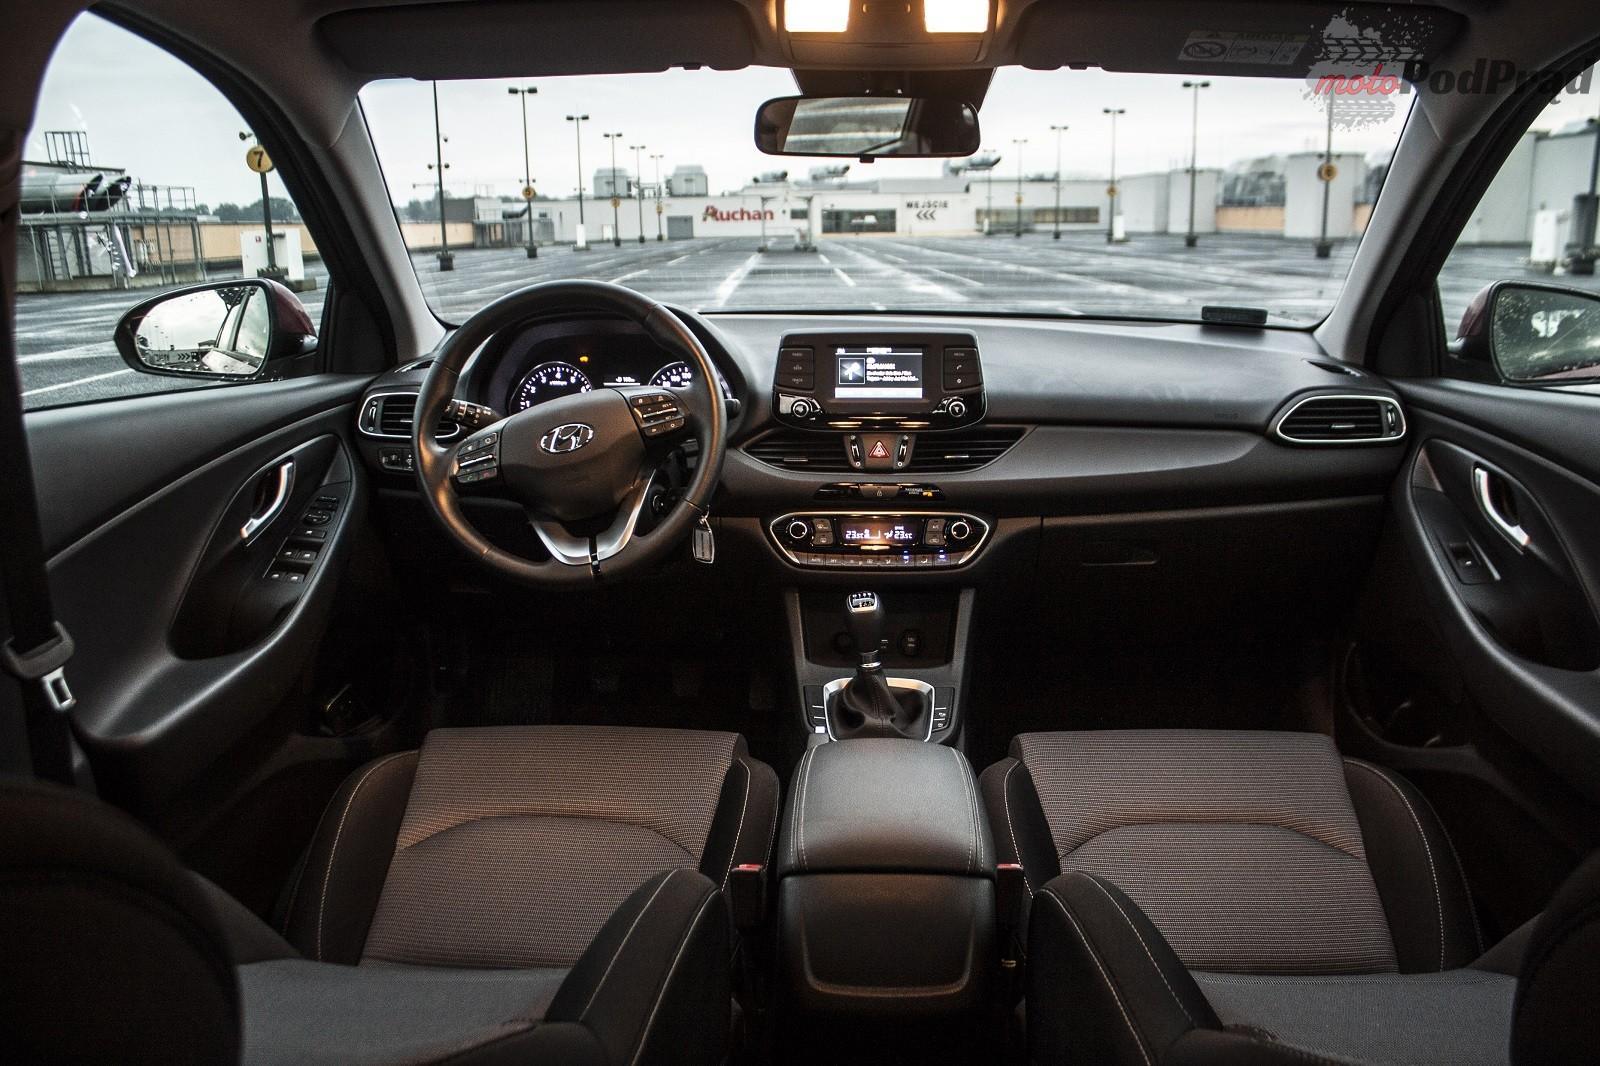 Hyundai i30 10 Test: Hyundai i30 1.0 T GDI   hultaj z wielkimi aspiracjami